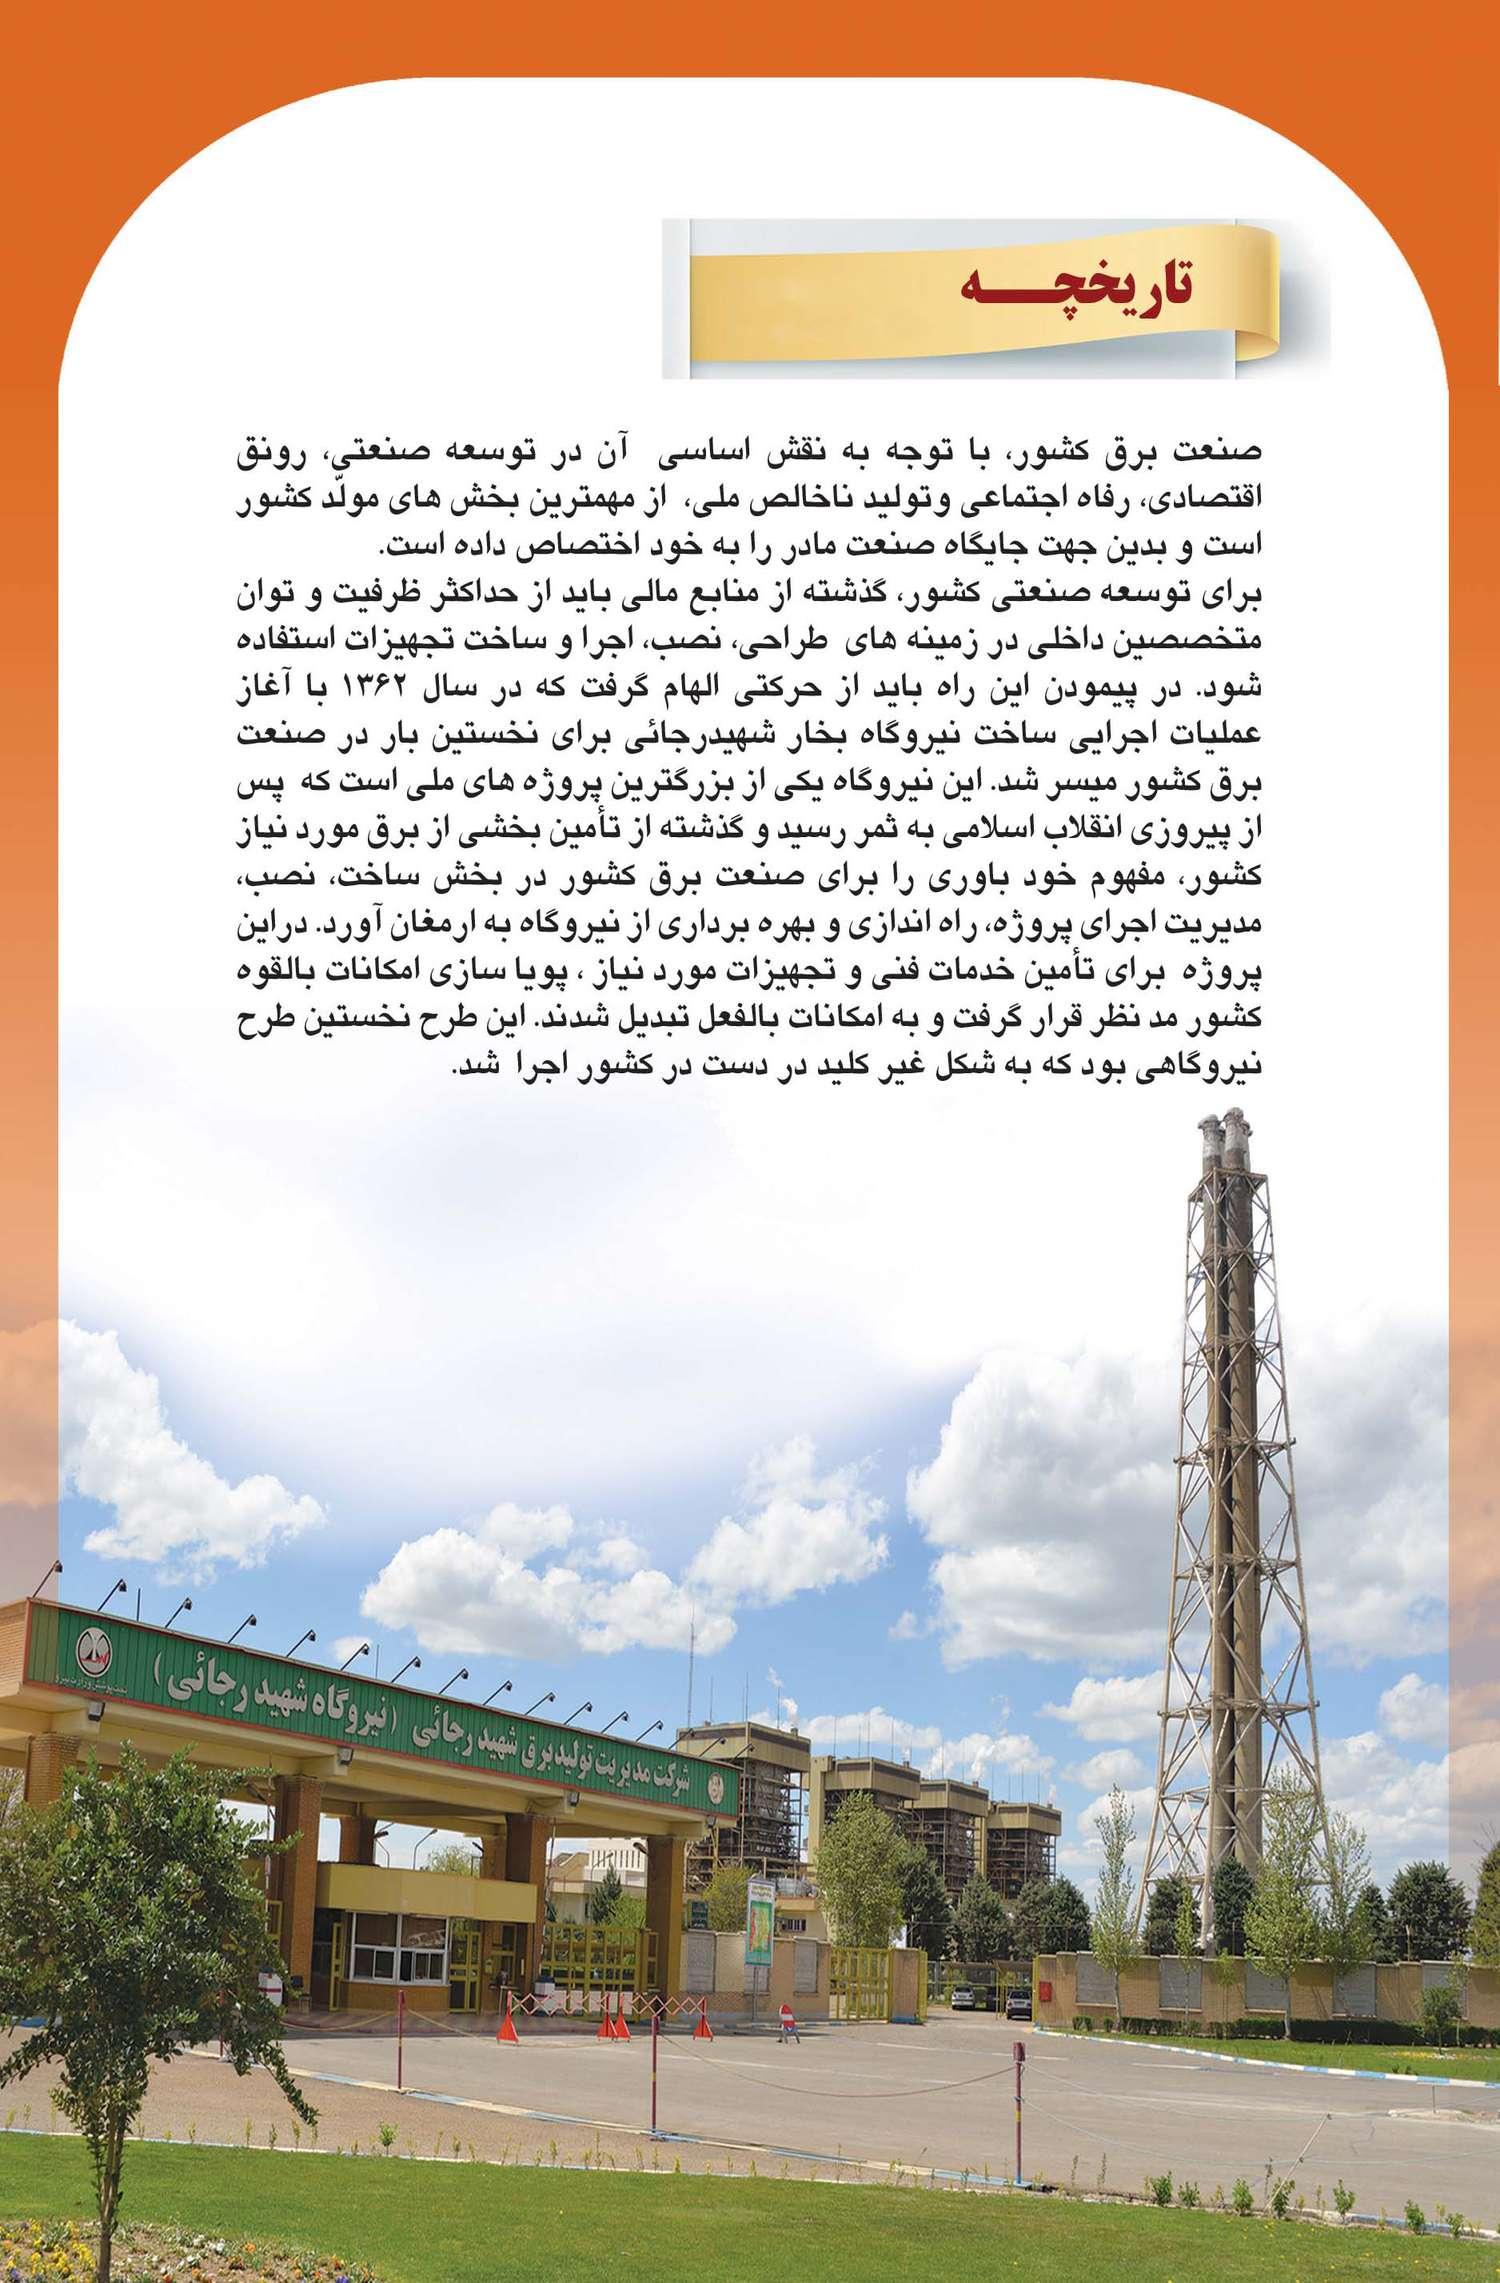 شرکت مدیریت تولید برق شهید رجایی